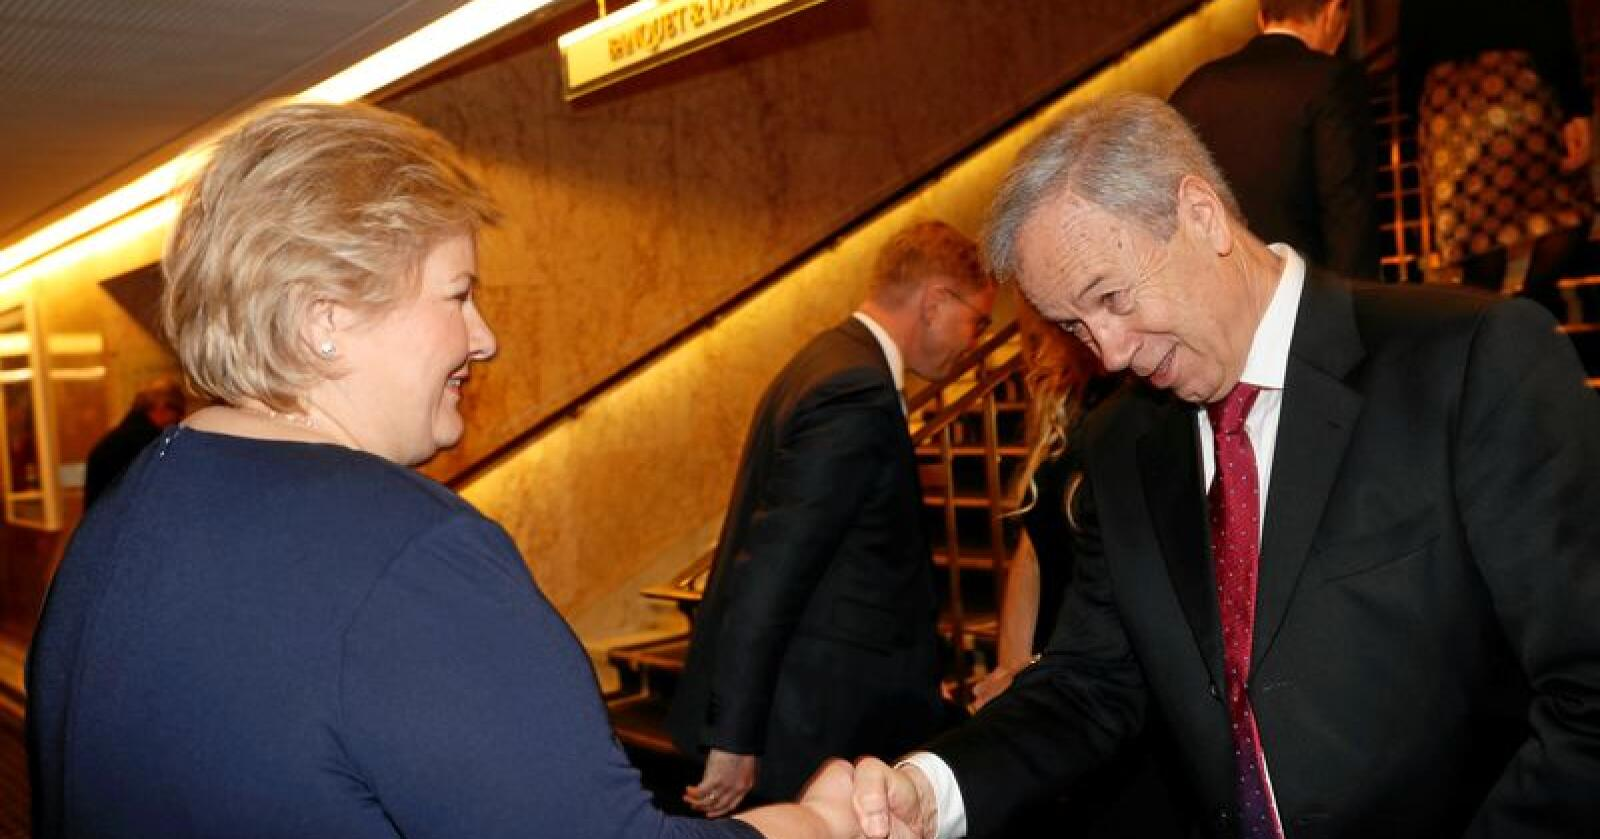 Statsminister Erna Solberg var blant gjestene da sentralbanksjef Øystein Olsen torsdag inviterte til sin årlige middag på Grand i Oslo. Foto: Terje Bendiksby / NTB scanpix